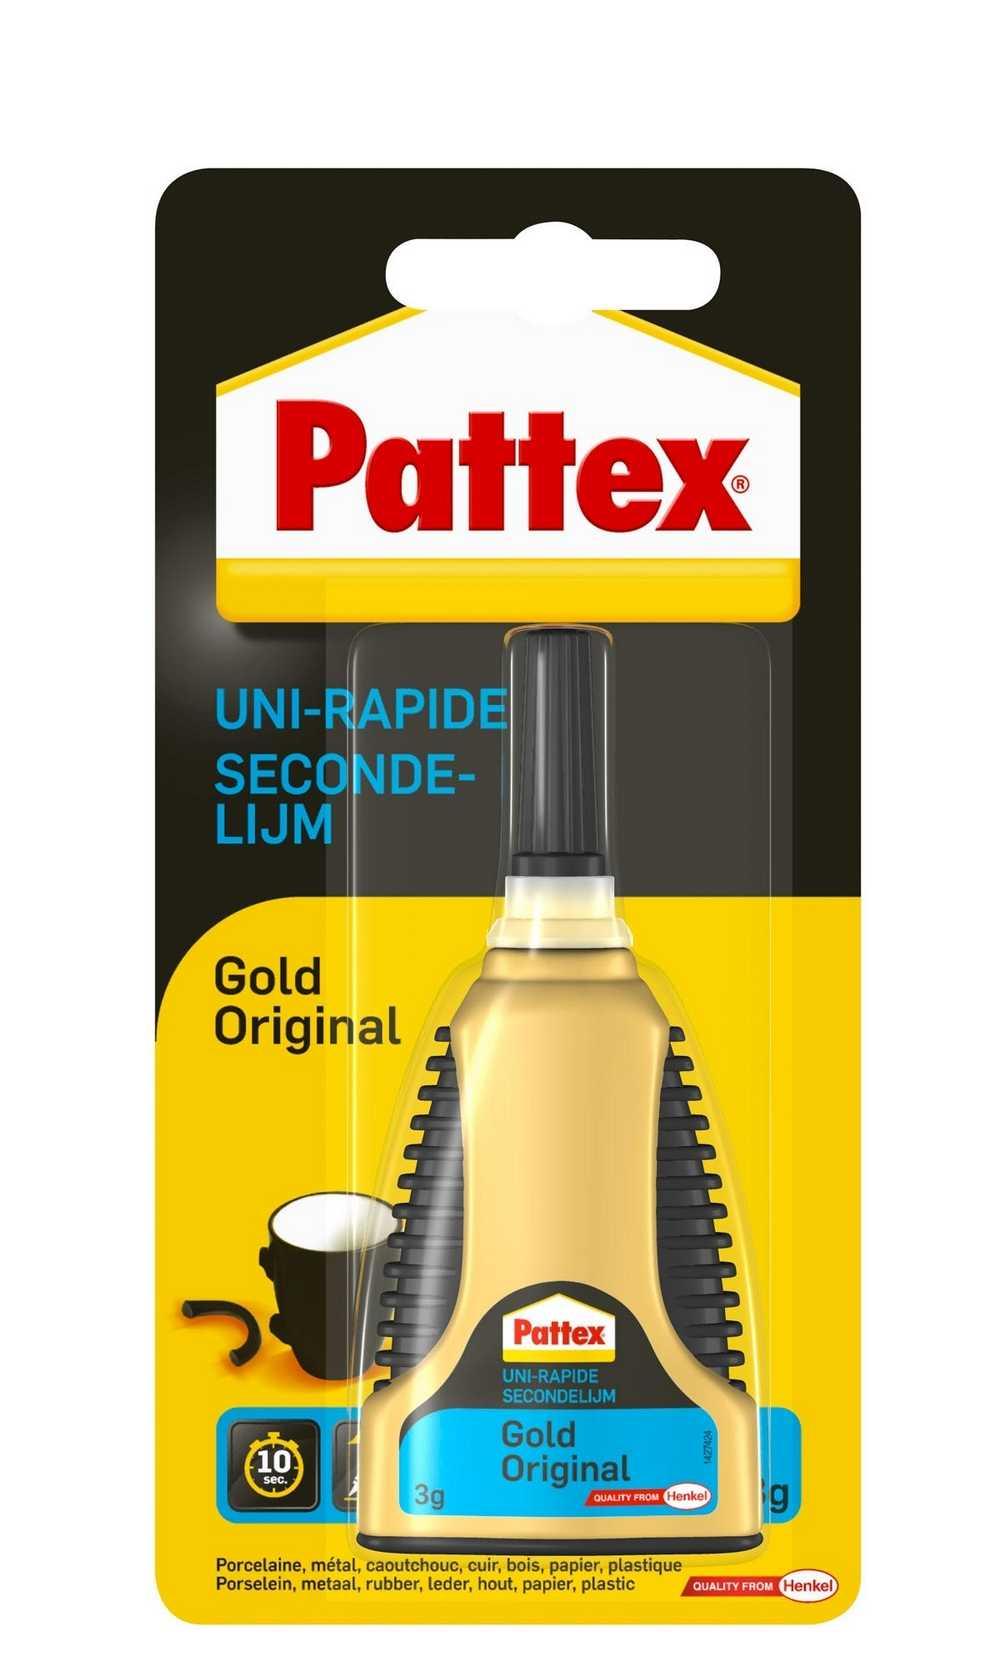 PATTEX GOLD 3 GR  PATTEX GOLD SEC.LIJM